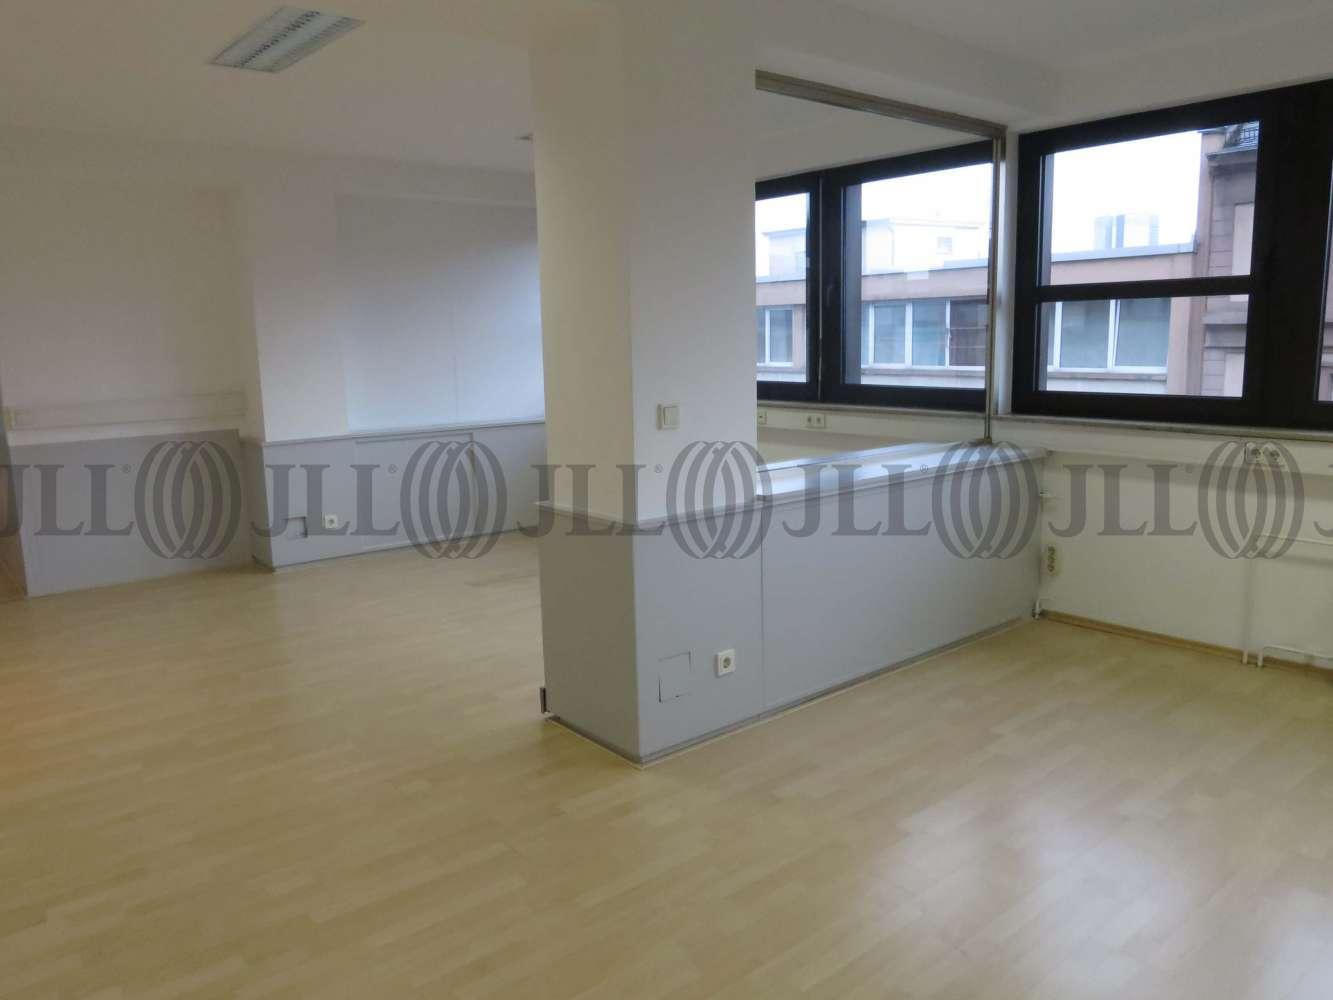 Büros Frankfurt am main, 60313 - Büro - Frankfurt am Main, Innenstadt - F0307 - 10881543